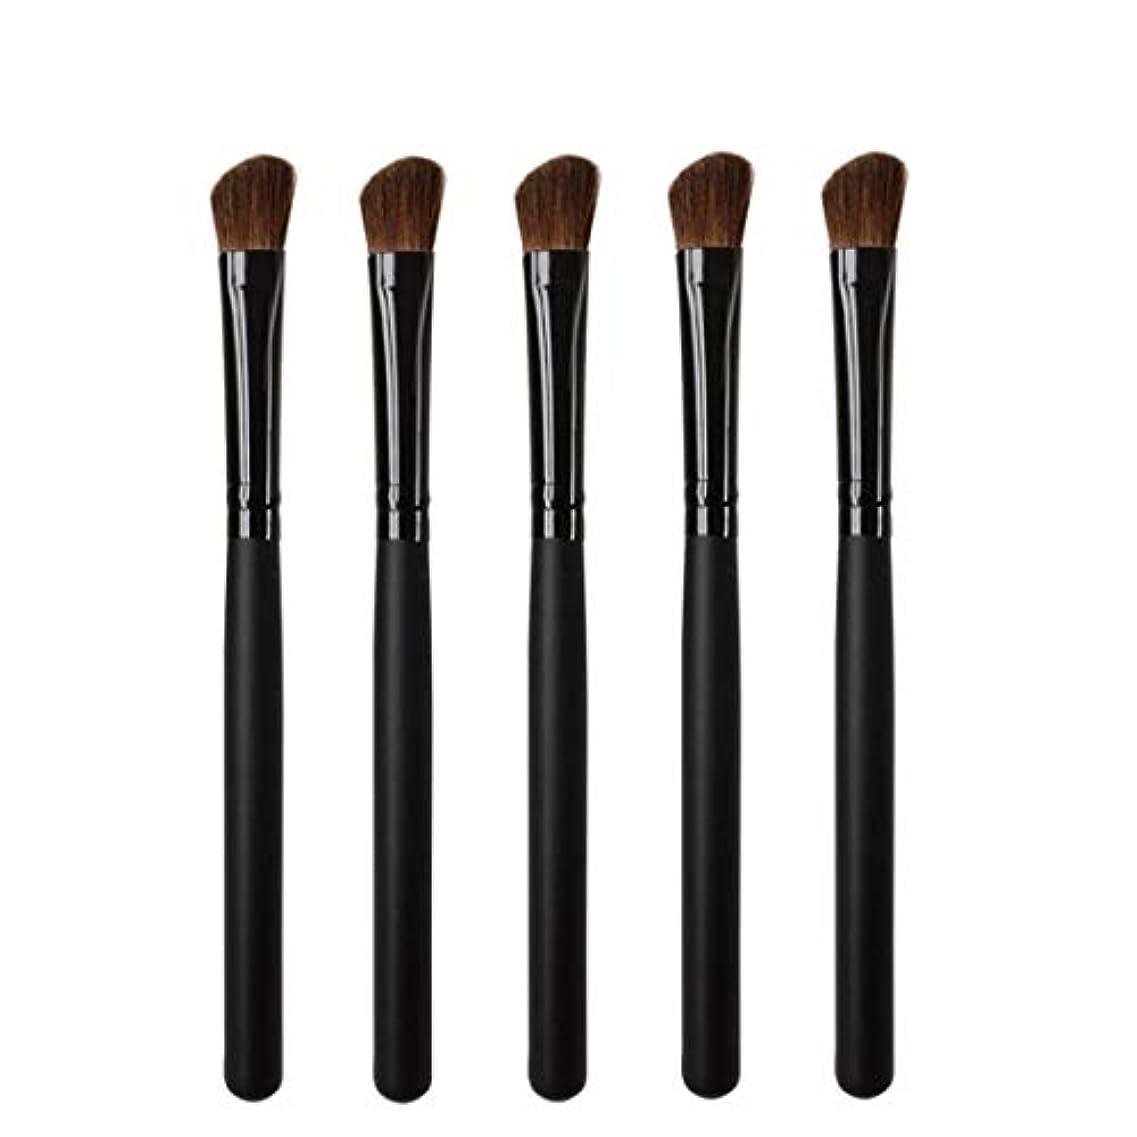 スリル薬局ものMakeup brushes 5リズムヘッド、持ち運びに快適な木製ハンドル、プロのアイシャドウ化粧道具 suits (Color : Black)